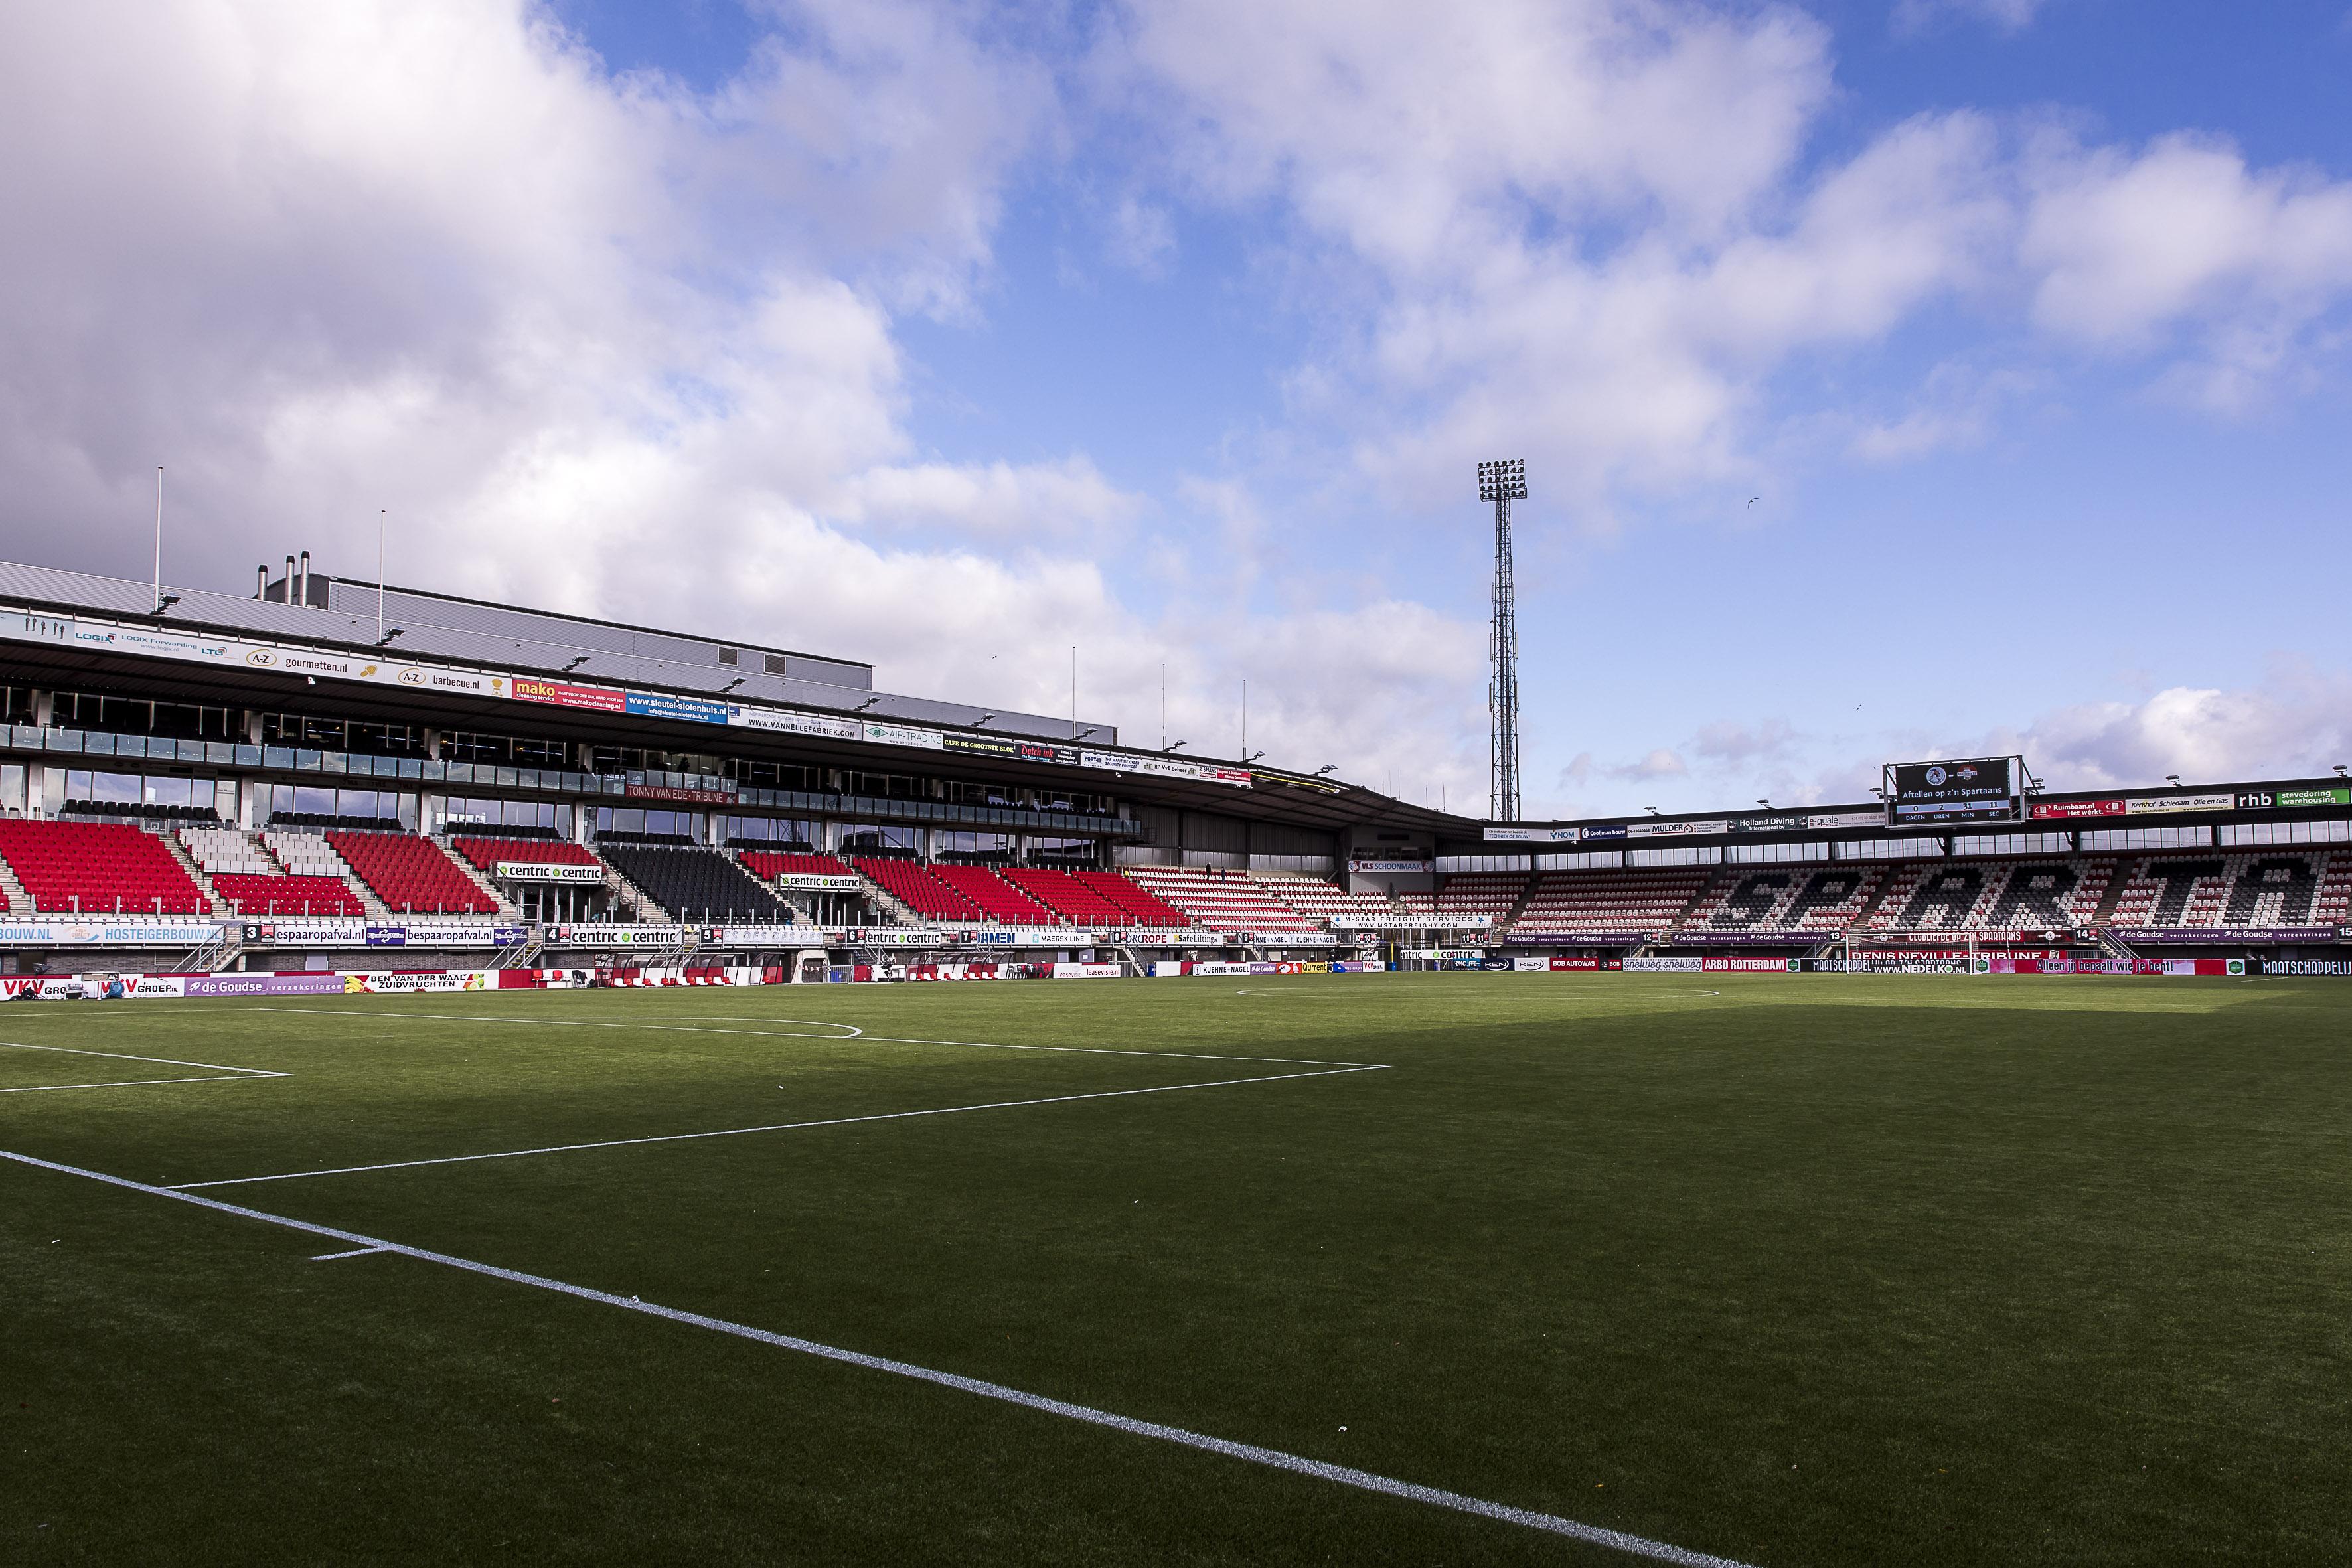 Kleurplaten Voetbalstadion.Stadion Sparta Rotterdam Sparta Rotterdam